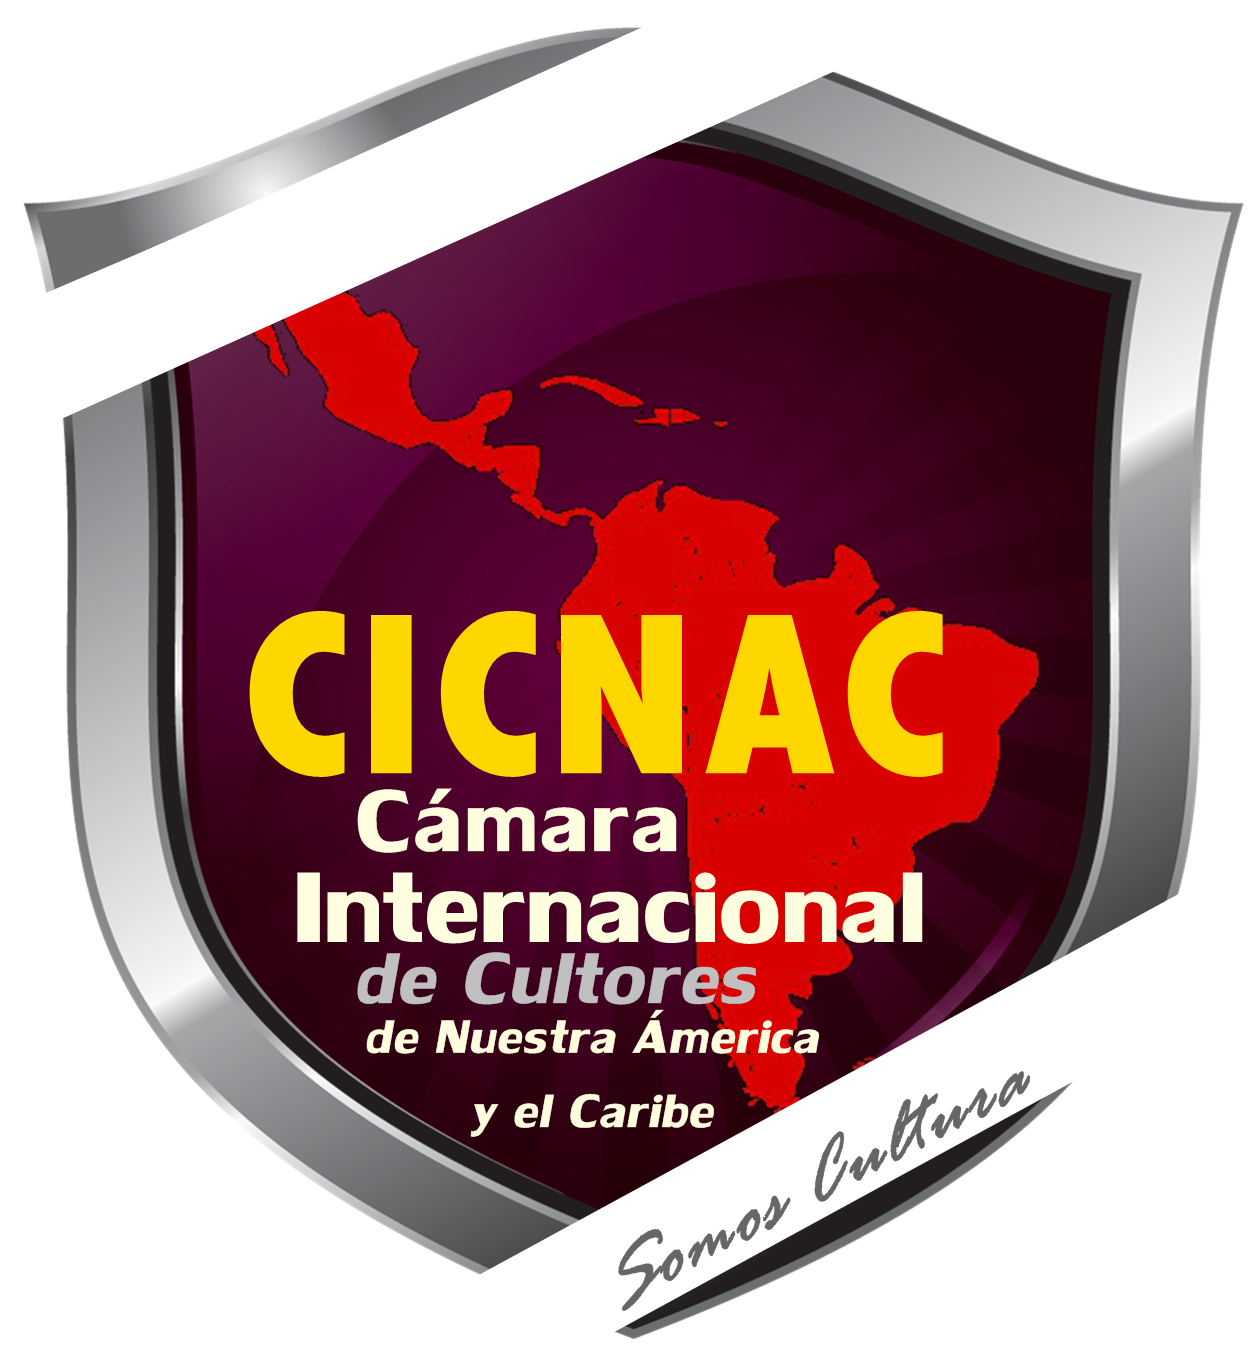 CICNAC